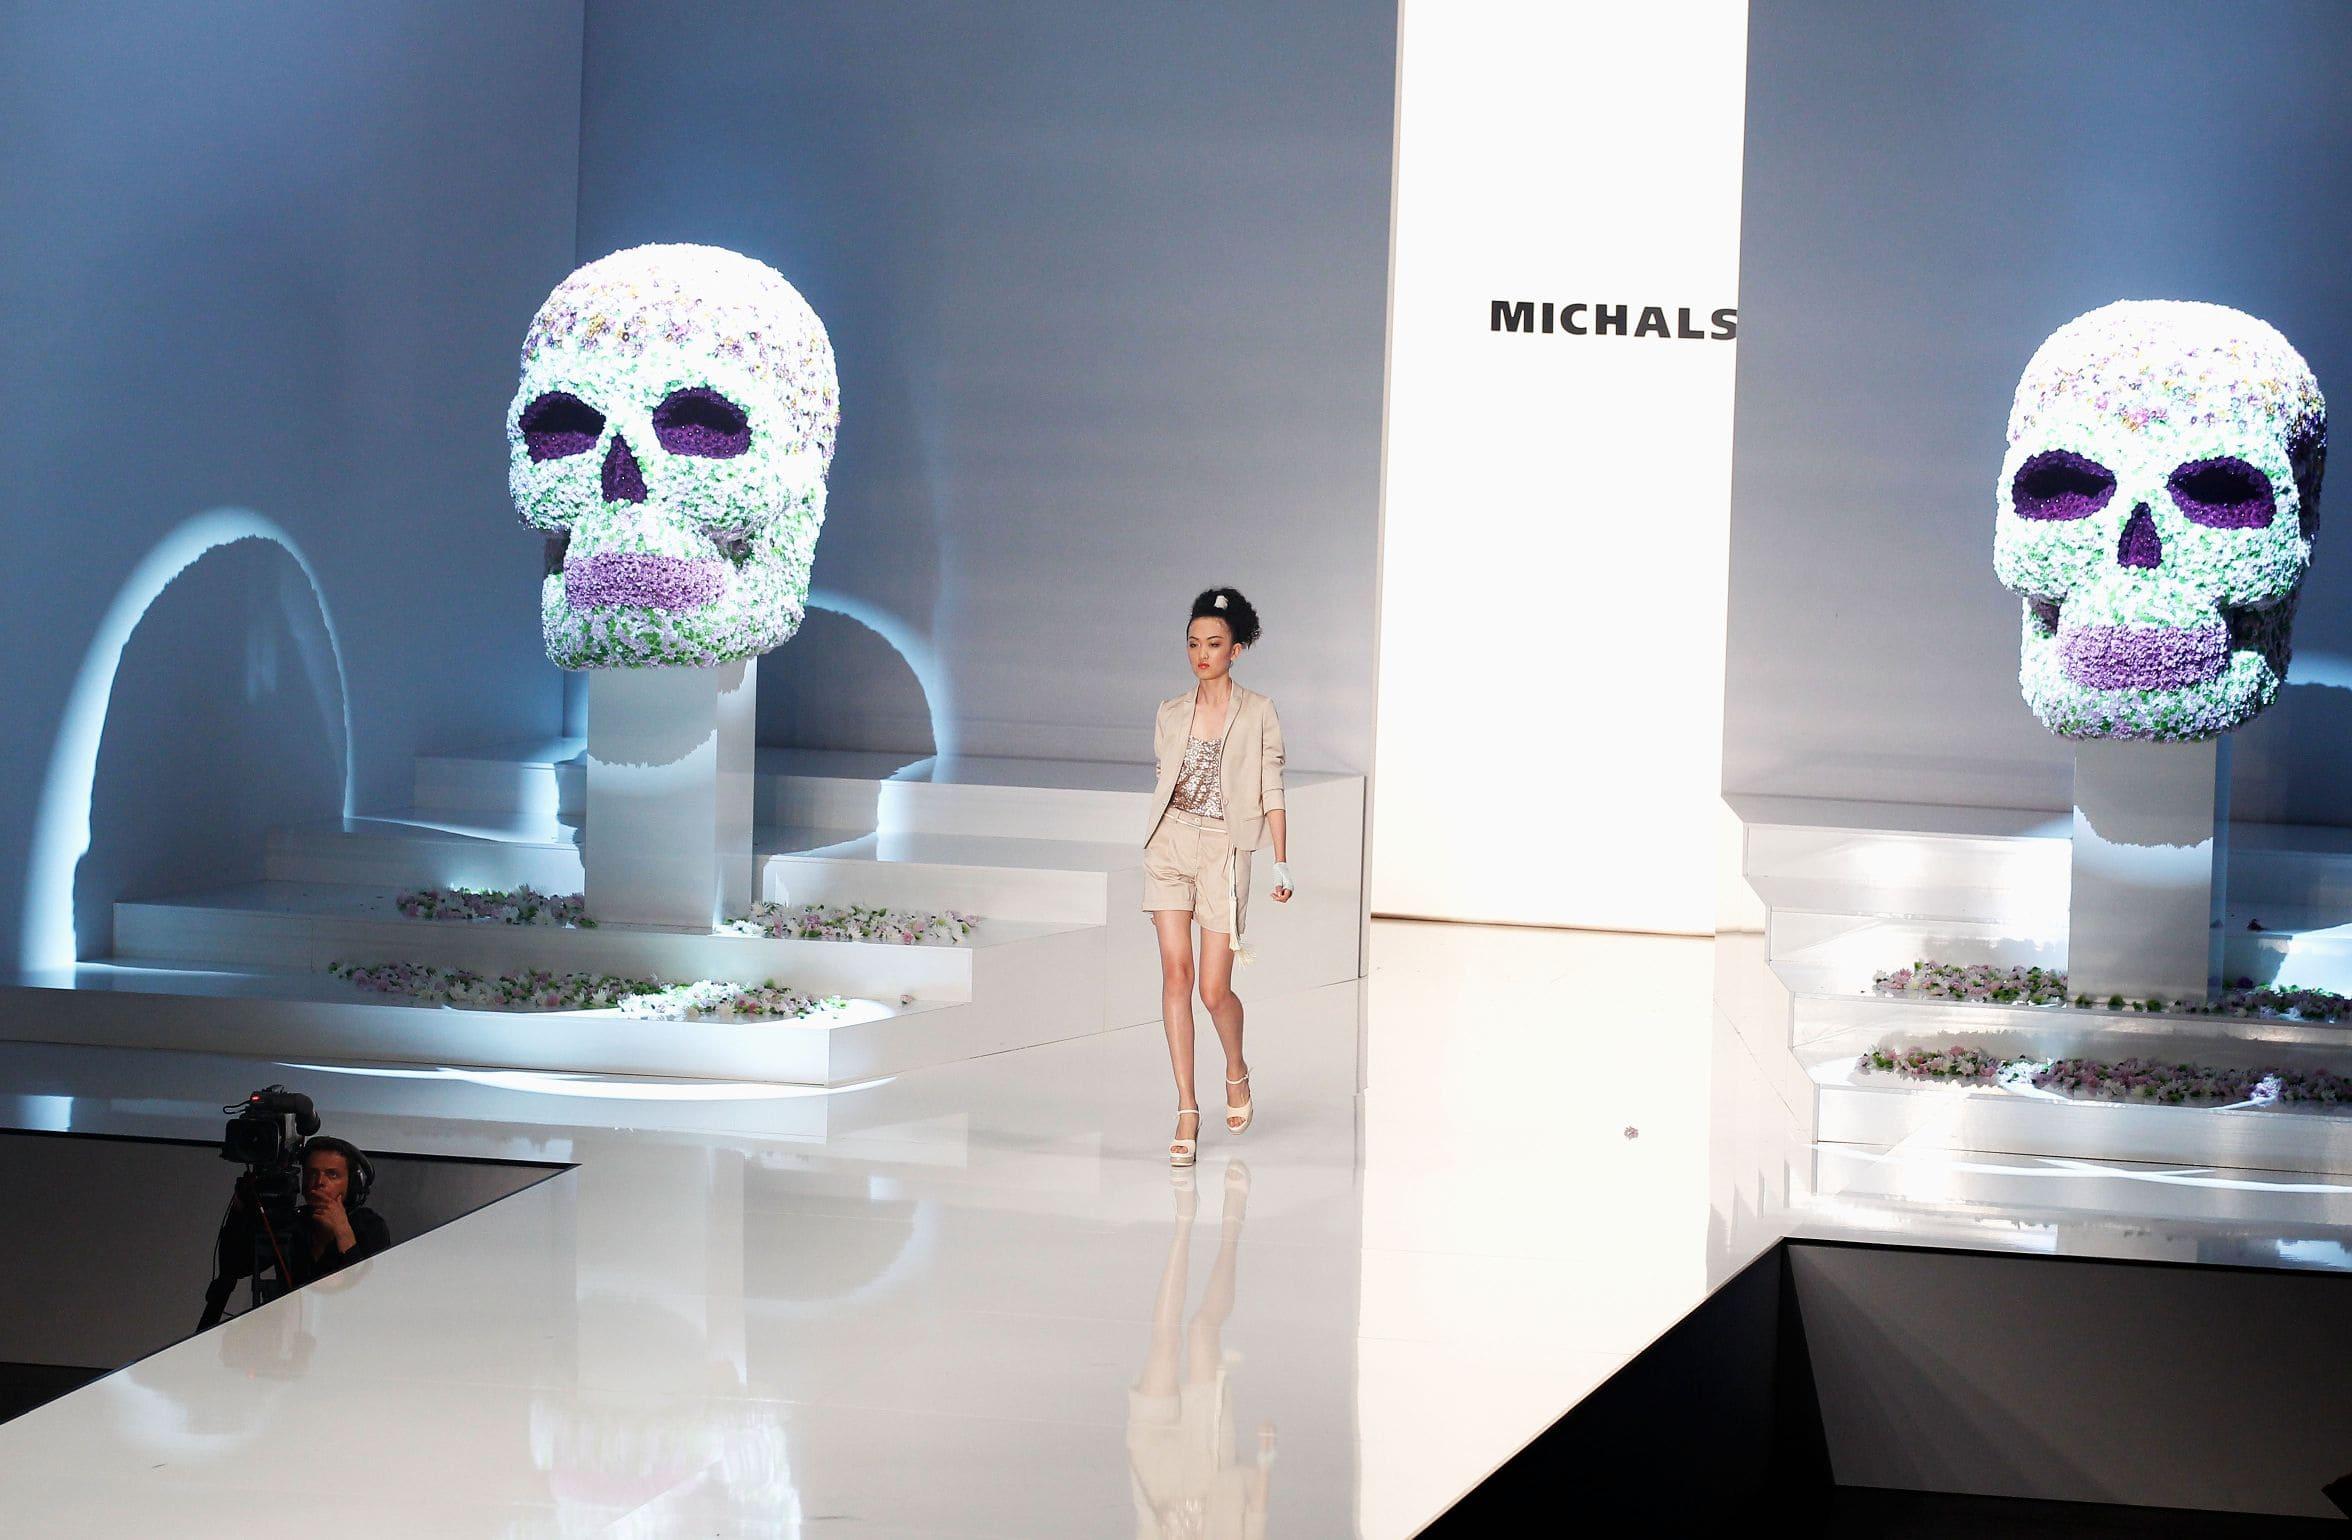 Michalsky stylenite catwalk